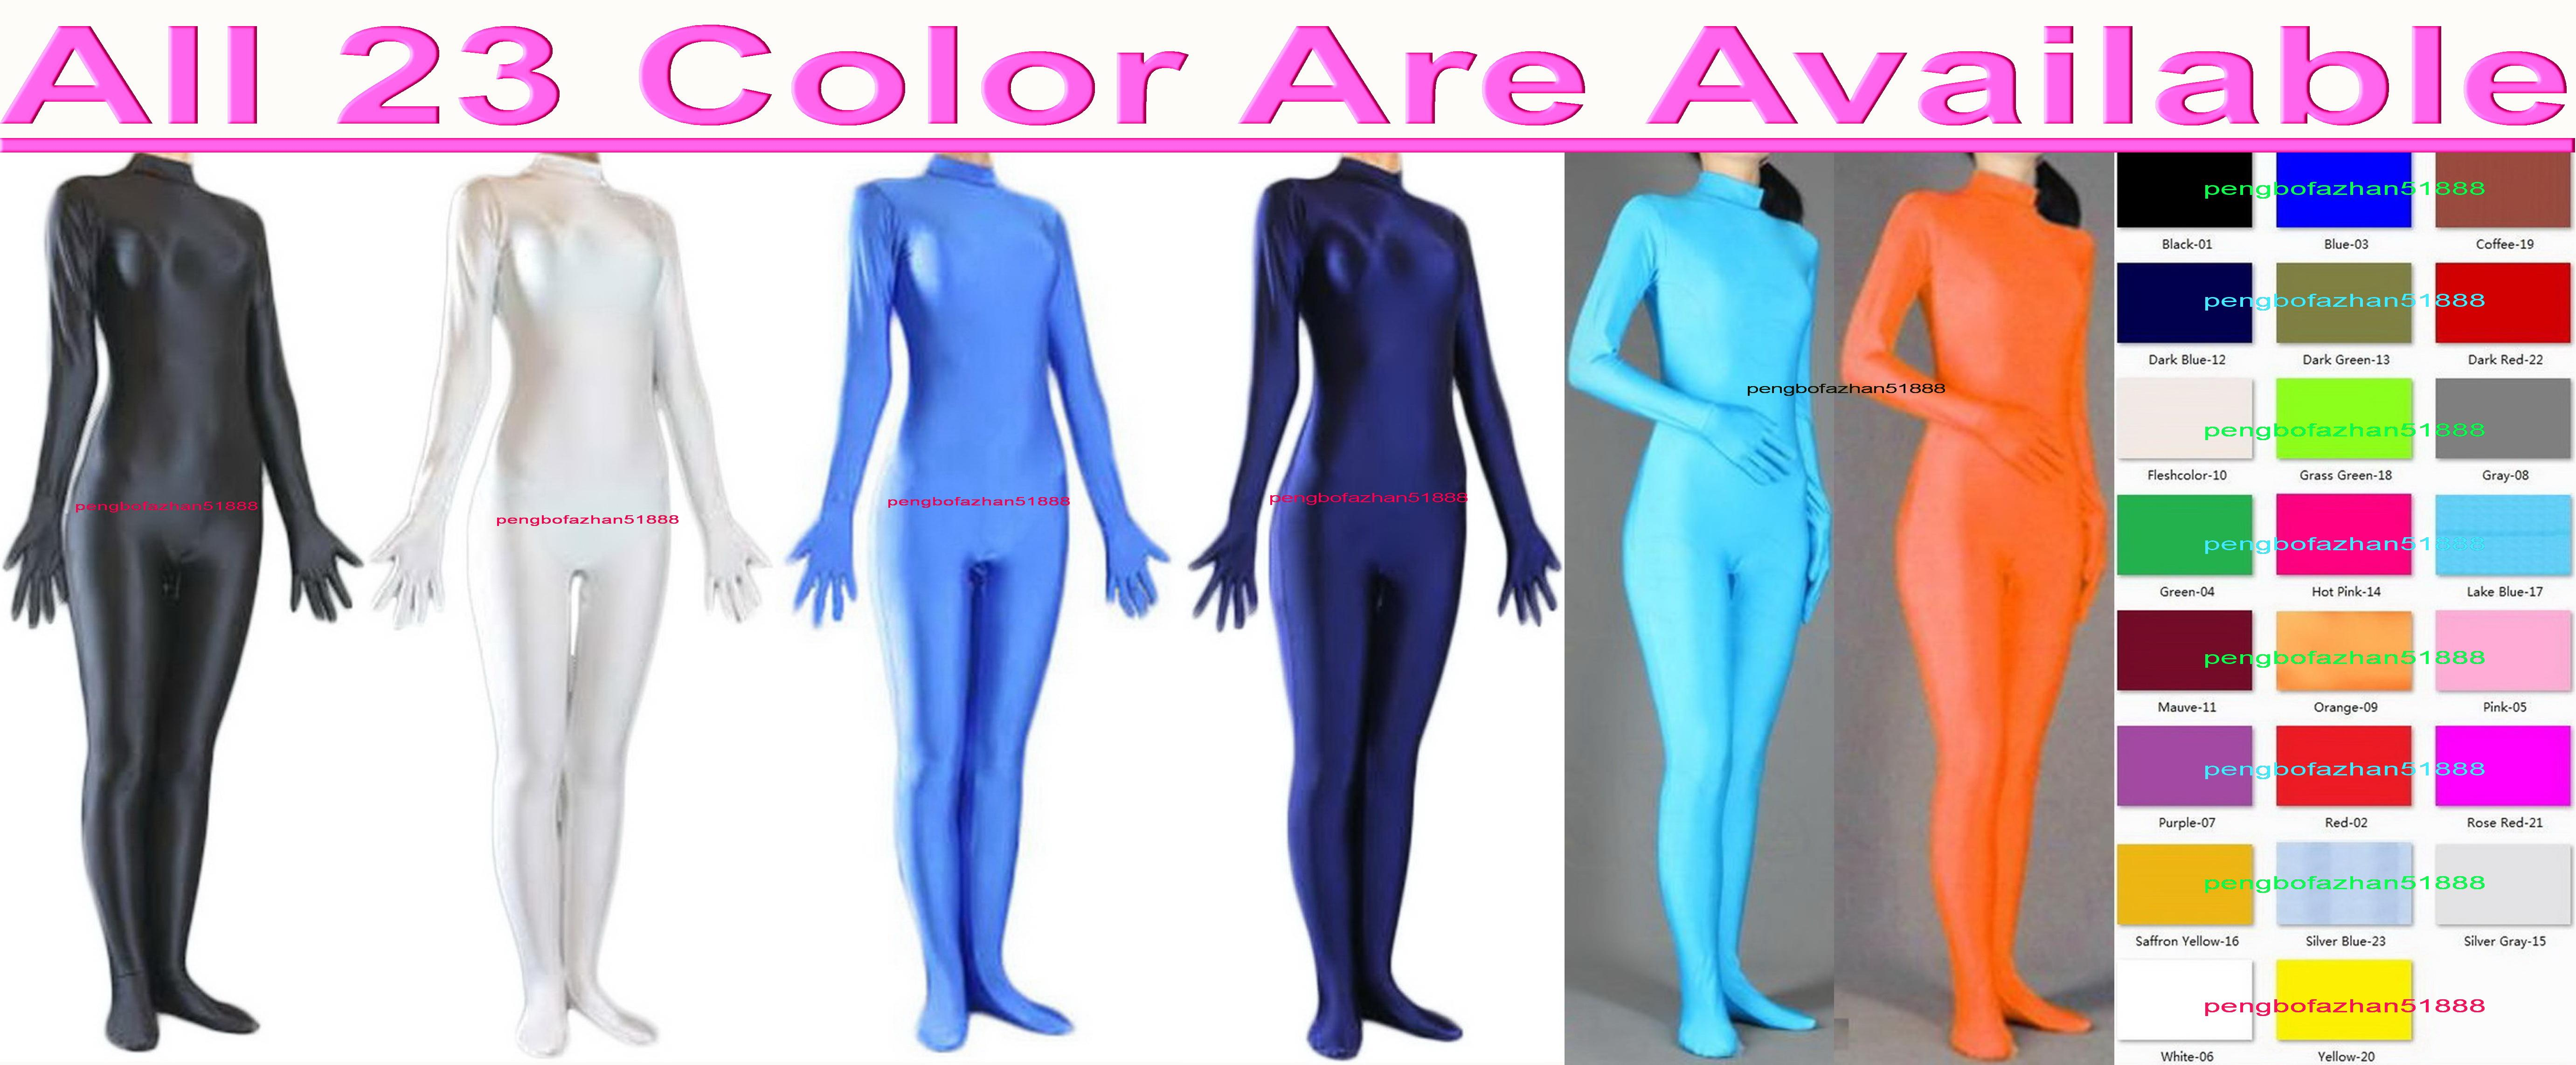 Unisex 23 Farbe Lycra Spandex Catsuit Kostüm Sexy Frauen Männer Körperanzug Kostüme Kein Kopf Halloween Party Fancy Kleid Cosplay Bodysuit P012